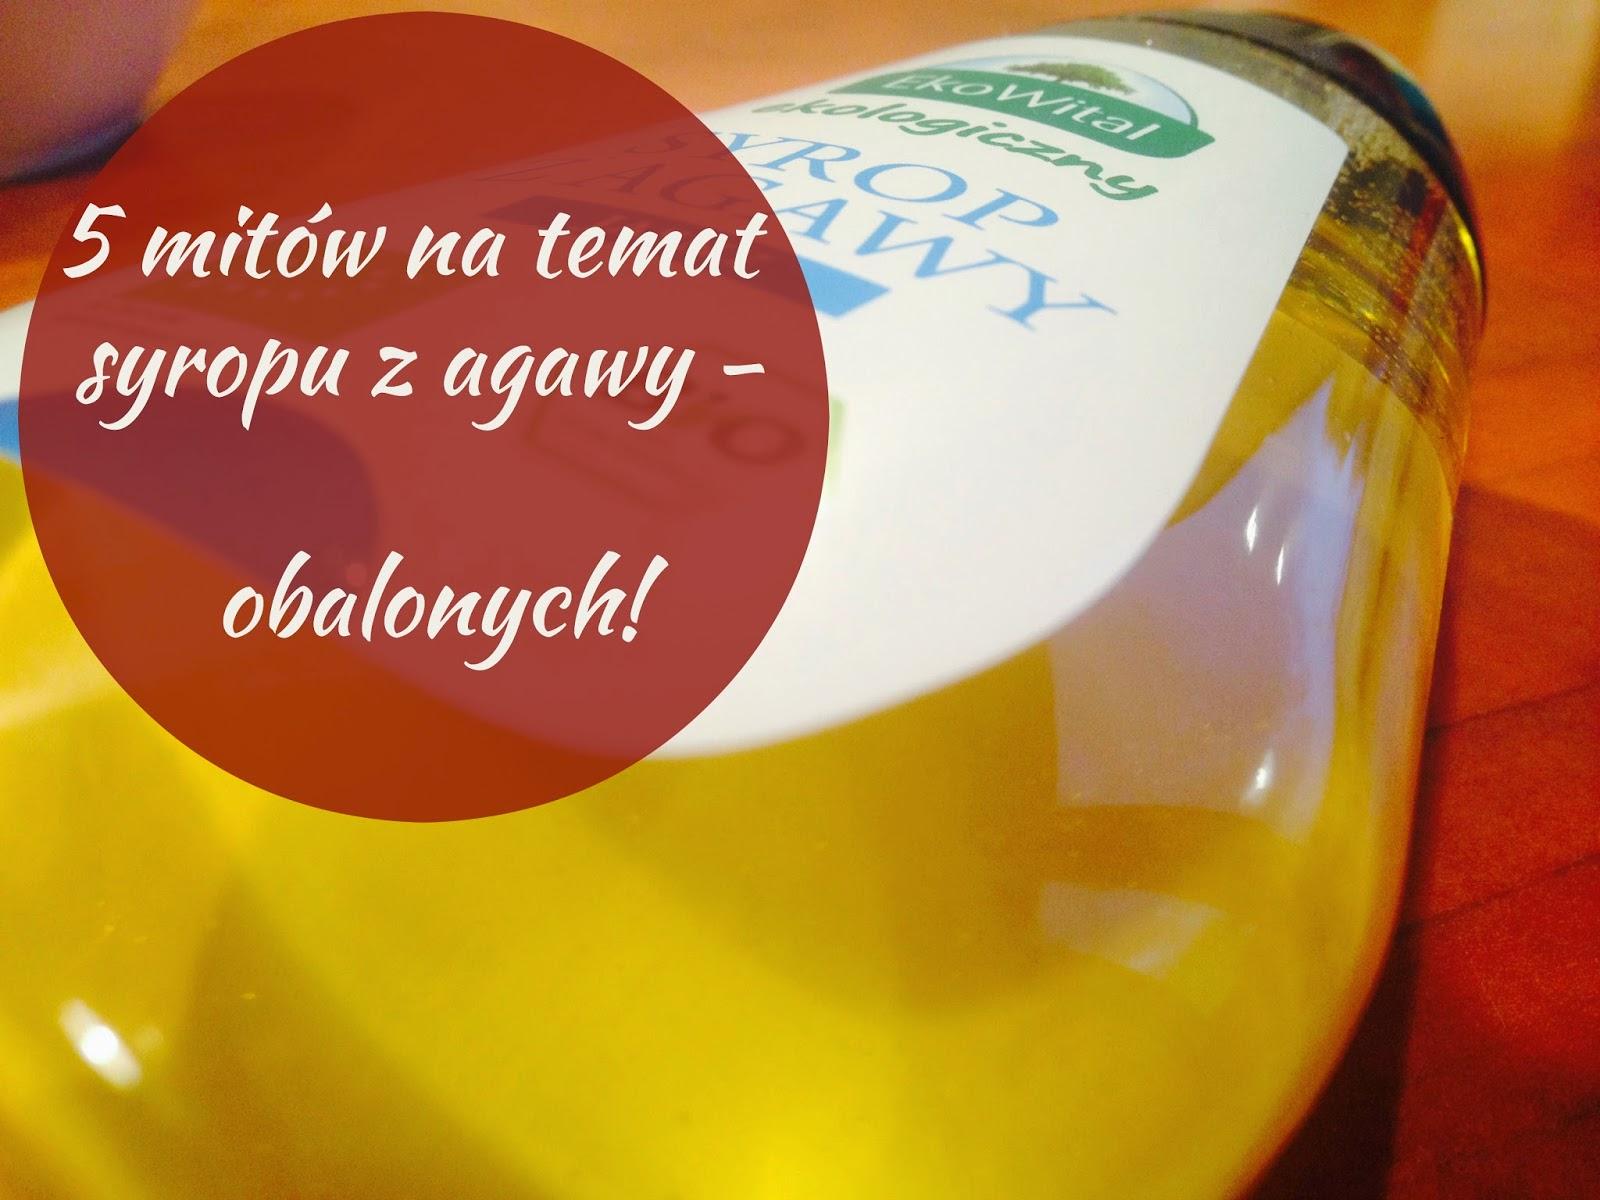 Syrop z agawy – cukier doskonały?